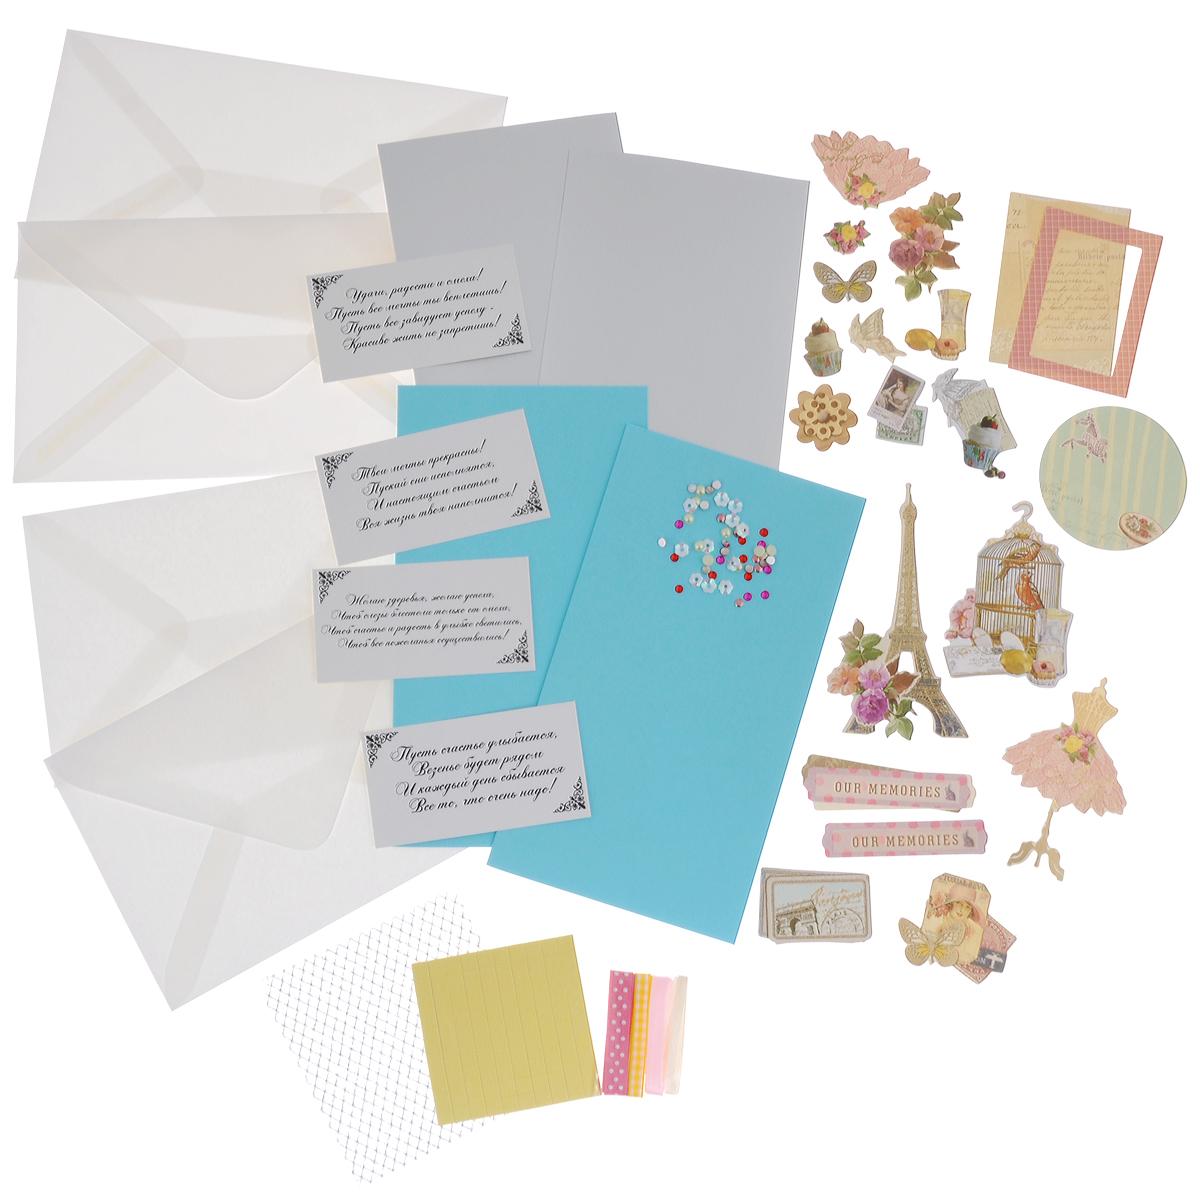 Набор для создания открыток Белоснежка Грация, 4 шт150-SB Набор для создания 4-х открыток ГрацияНабор для создания открыток Белоснежка Грация позволит вам и вашему ребенку создать 4 оригинальных открыток в стиле 3D скрапбукинг. Набор включает в себя все необходимое для работы: 4 заготовки для открыток, 4 конверта, клеевые подушечки, бумага для скрапбукинга, декоративные элементы (вырубка из бумаги, ленты, паетки, стразы, полубусины) и подробную инструкцию на русском языке. Скрапбукинг - это хобби, которое способно приносить массу приятных эмоций не только человеку, который этим занимается, но и его близким, друзьям, родным. Это невероятно увлекательное занятие, которое поможет вам сохранить наиболее памятные и яркие моменты вашей жизни, а также интересно оформить интерьер дома. Размер малой открытки: 11,5 см х 17 см. Размер большой открытки: 11,5 см х 21 см.